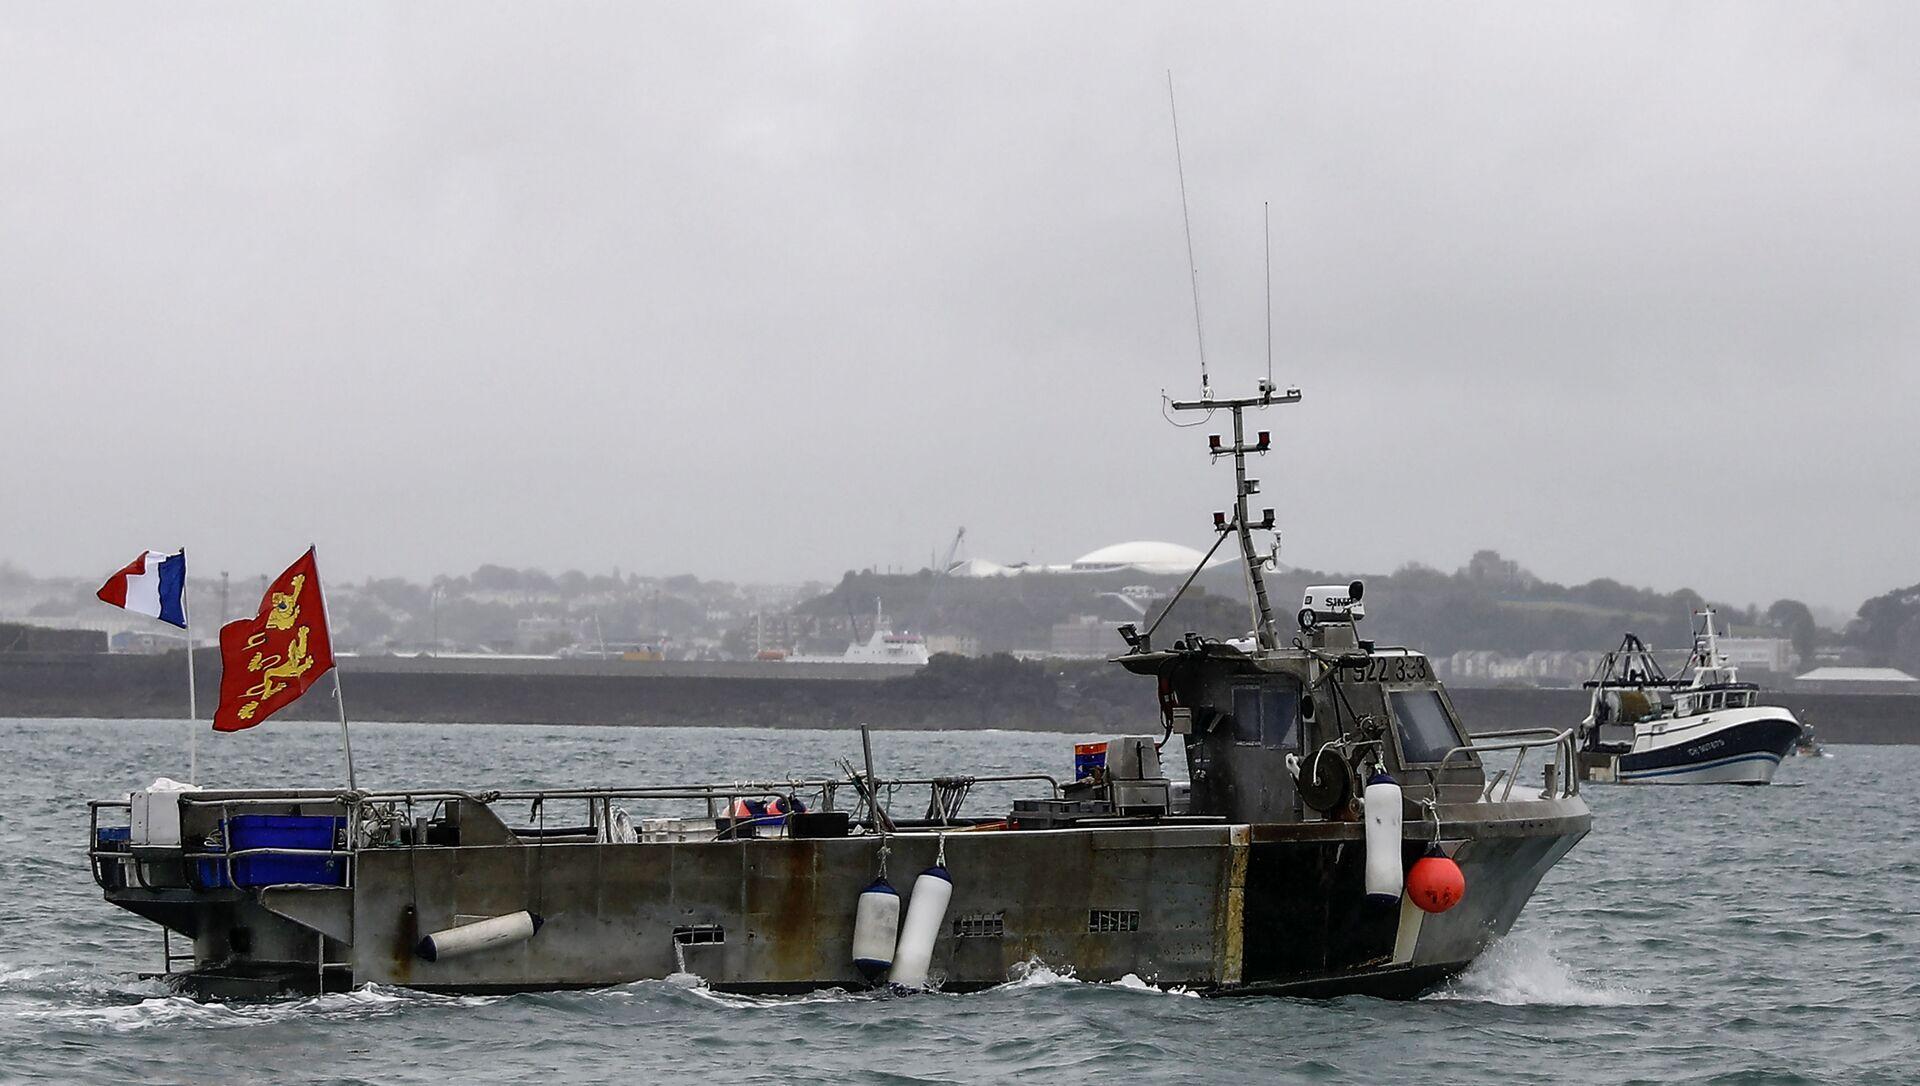 Un peschereccio francese, uno di tanti, partecipa a una protesta davanti al porto di Saint Helier al largo dell'isola britannica di Jersey per attirare l'attenzione su ciò che vedono come restrizioni ingiuste sulla loro capacità di pescare nelle acque del Regno Unito dopo la Brexit, il 6 maggio 2021 - Sputnik Italia, 1920, 07.05.2021